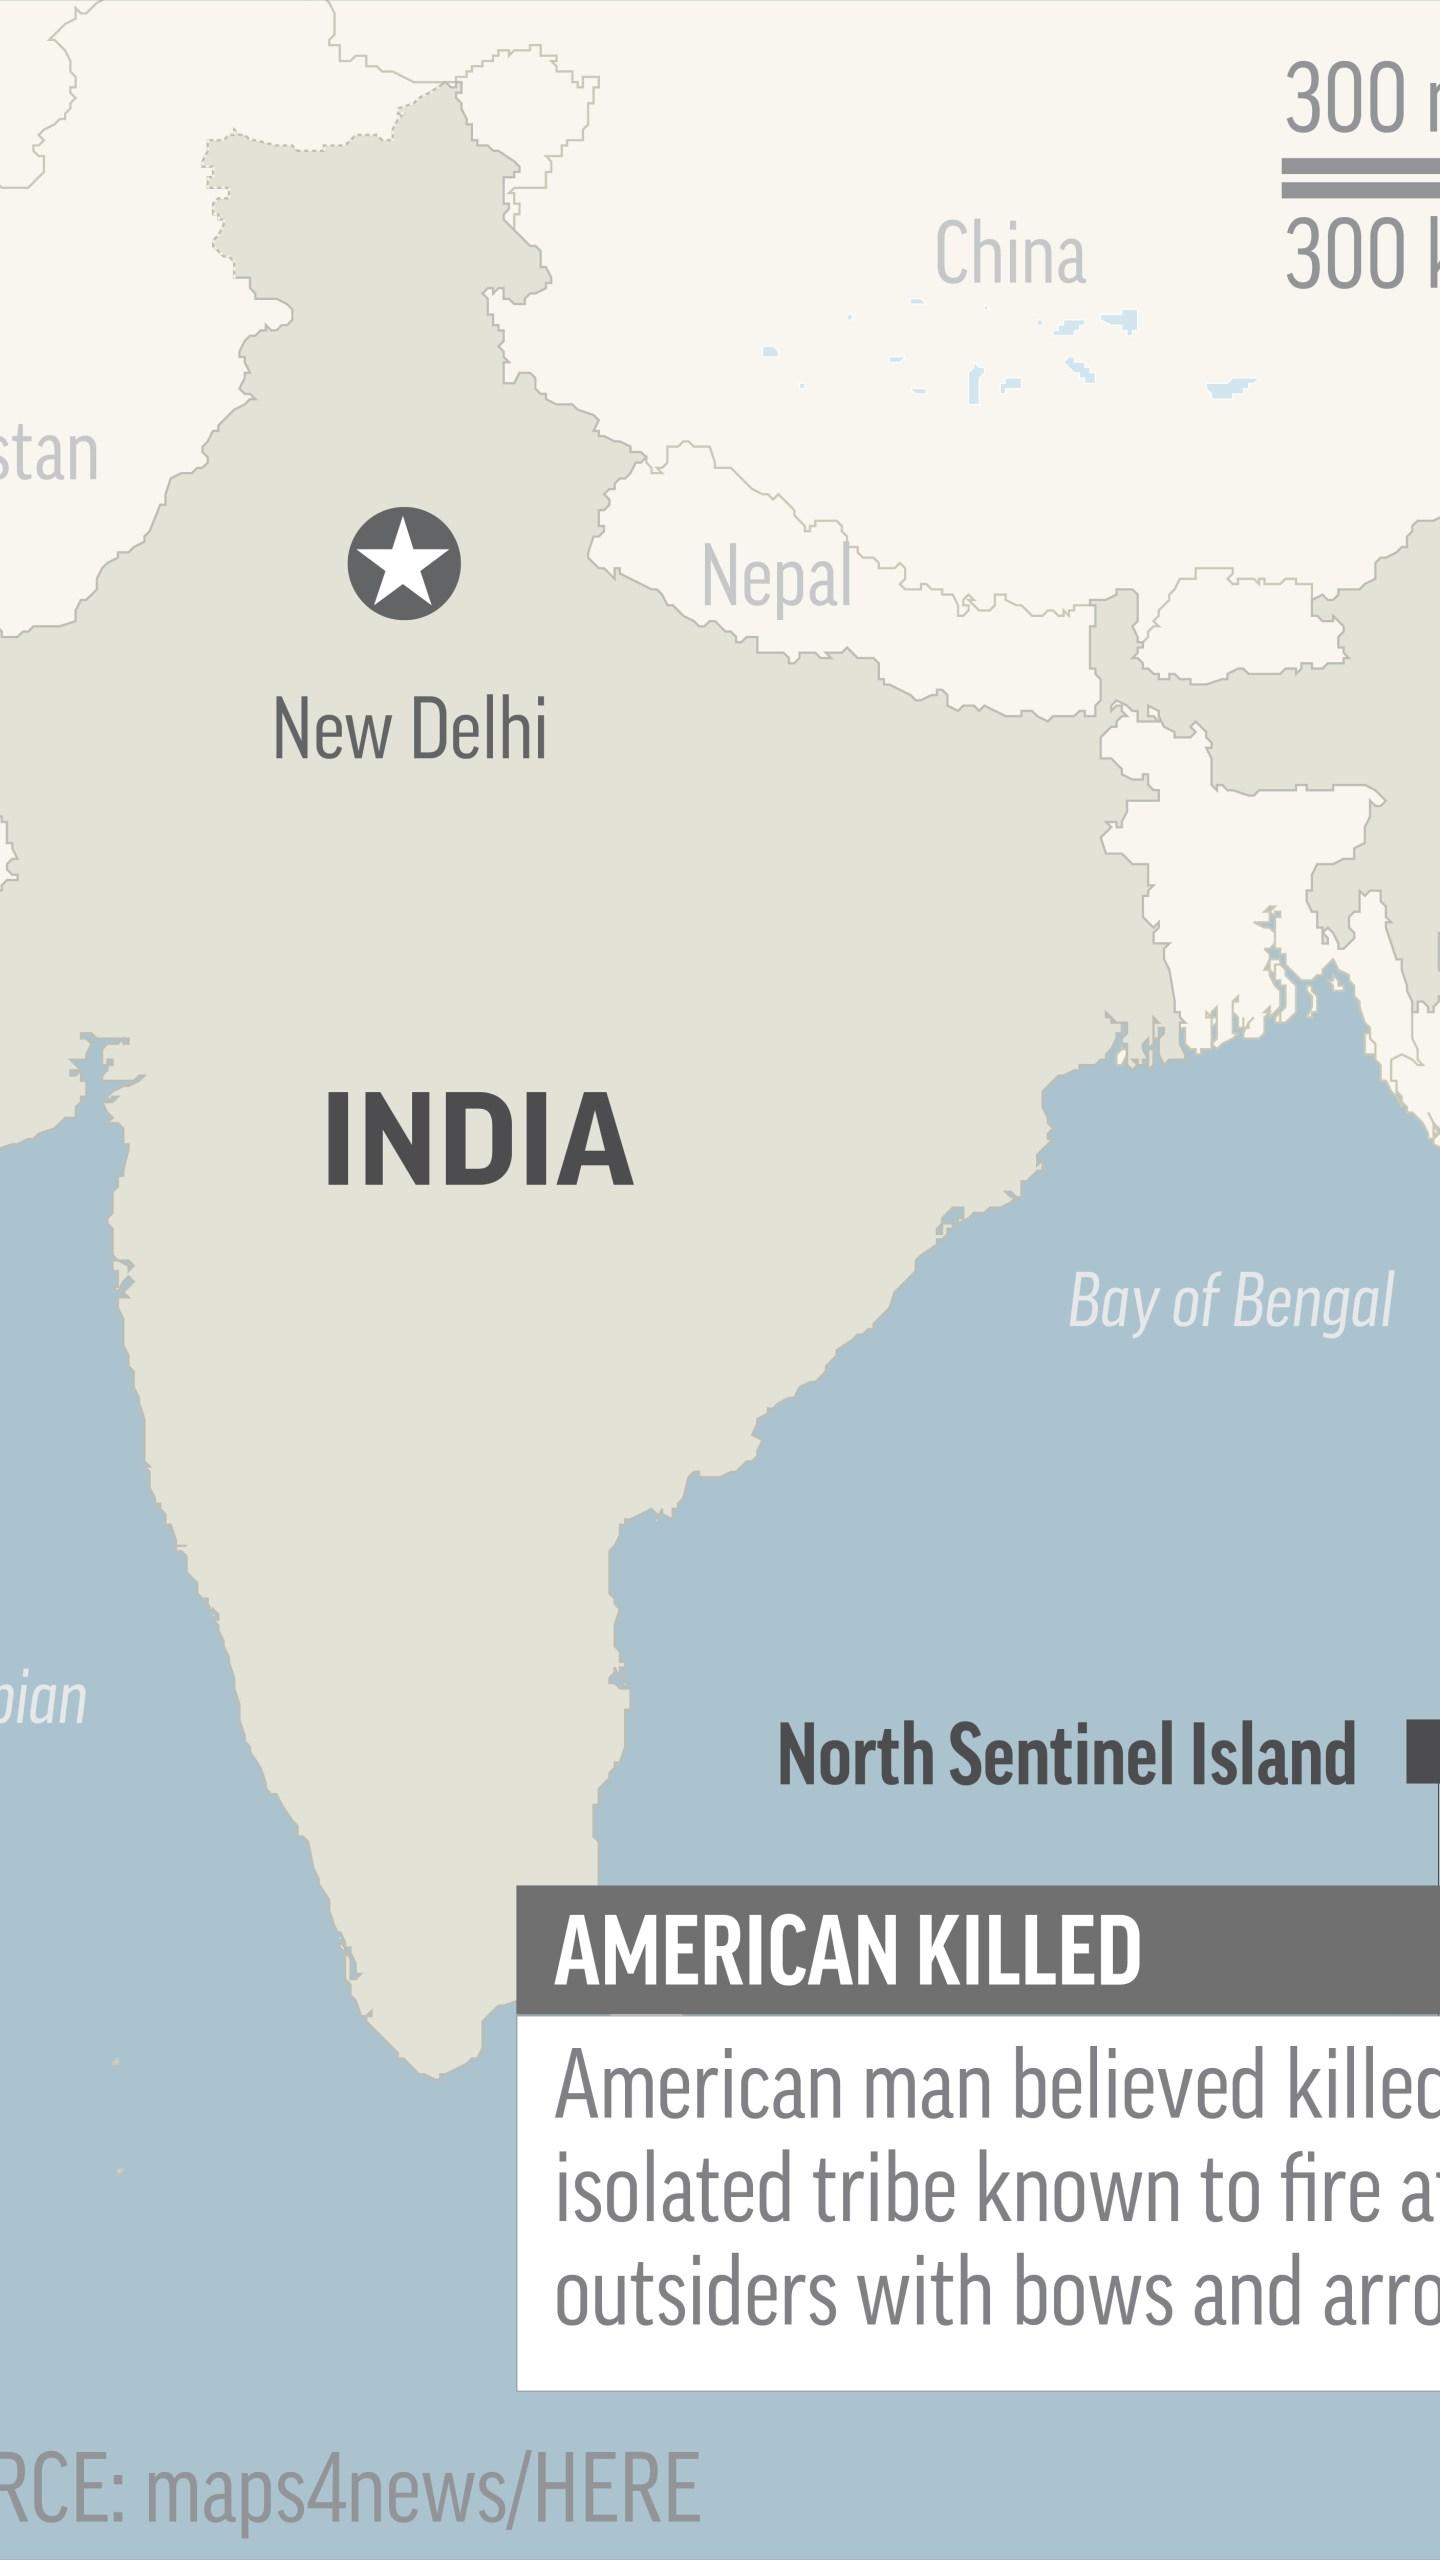 INDIA AMERICAN KILLED-159532.JPEG41469548